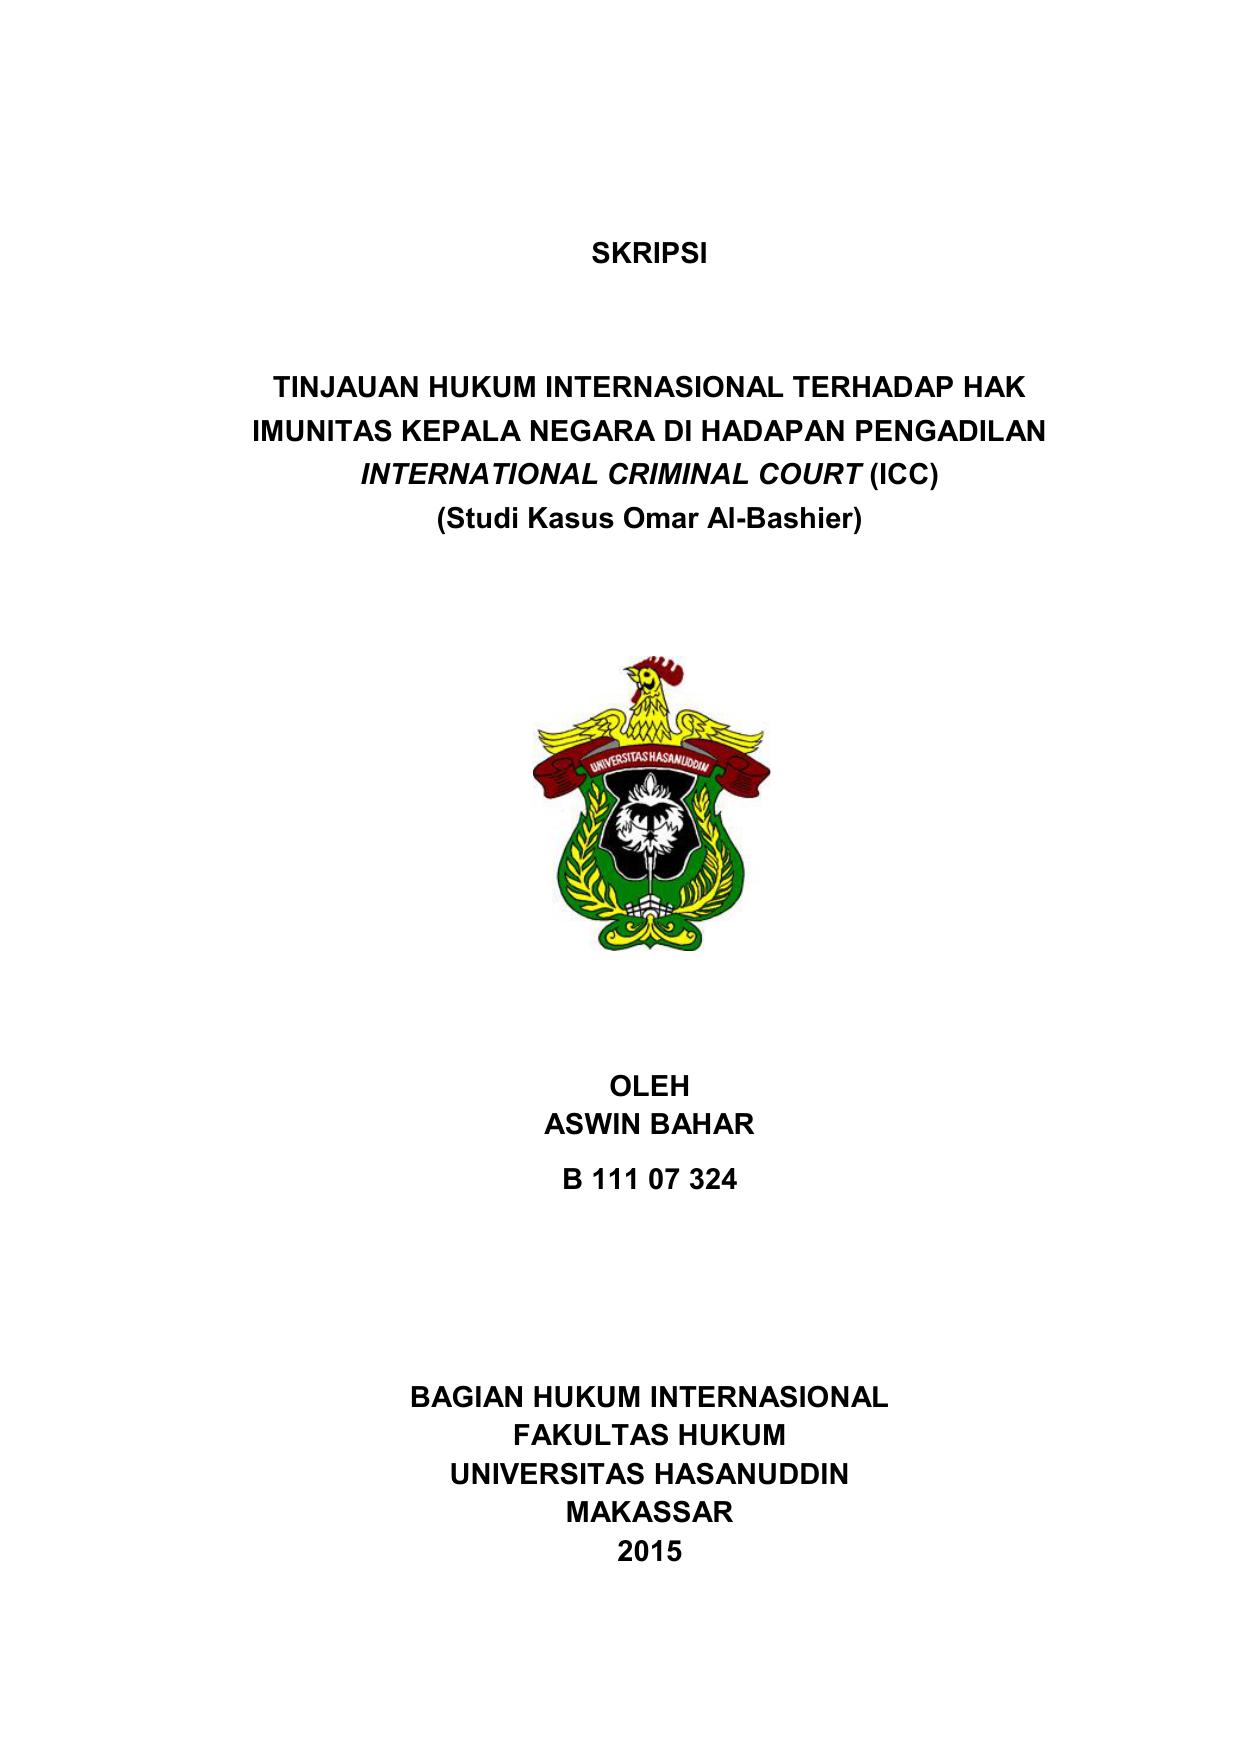 Skripsi Tinjauan Hukum Internasional Terhadap Hak Imunitas Kepala